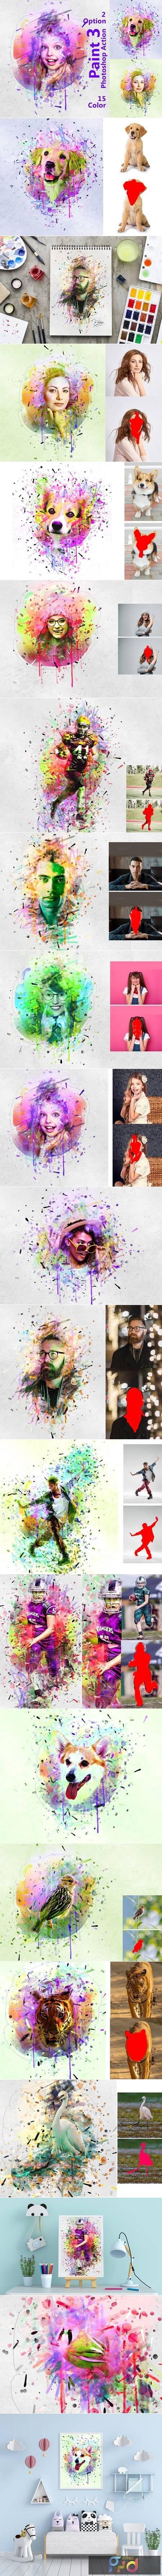 Paint Photoshop Action 5249577 1